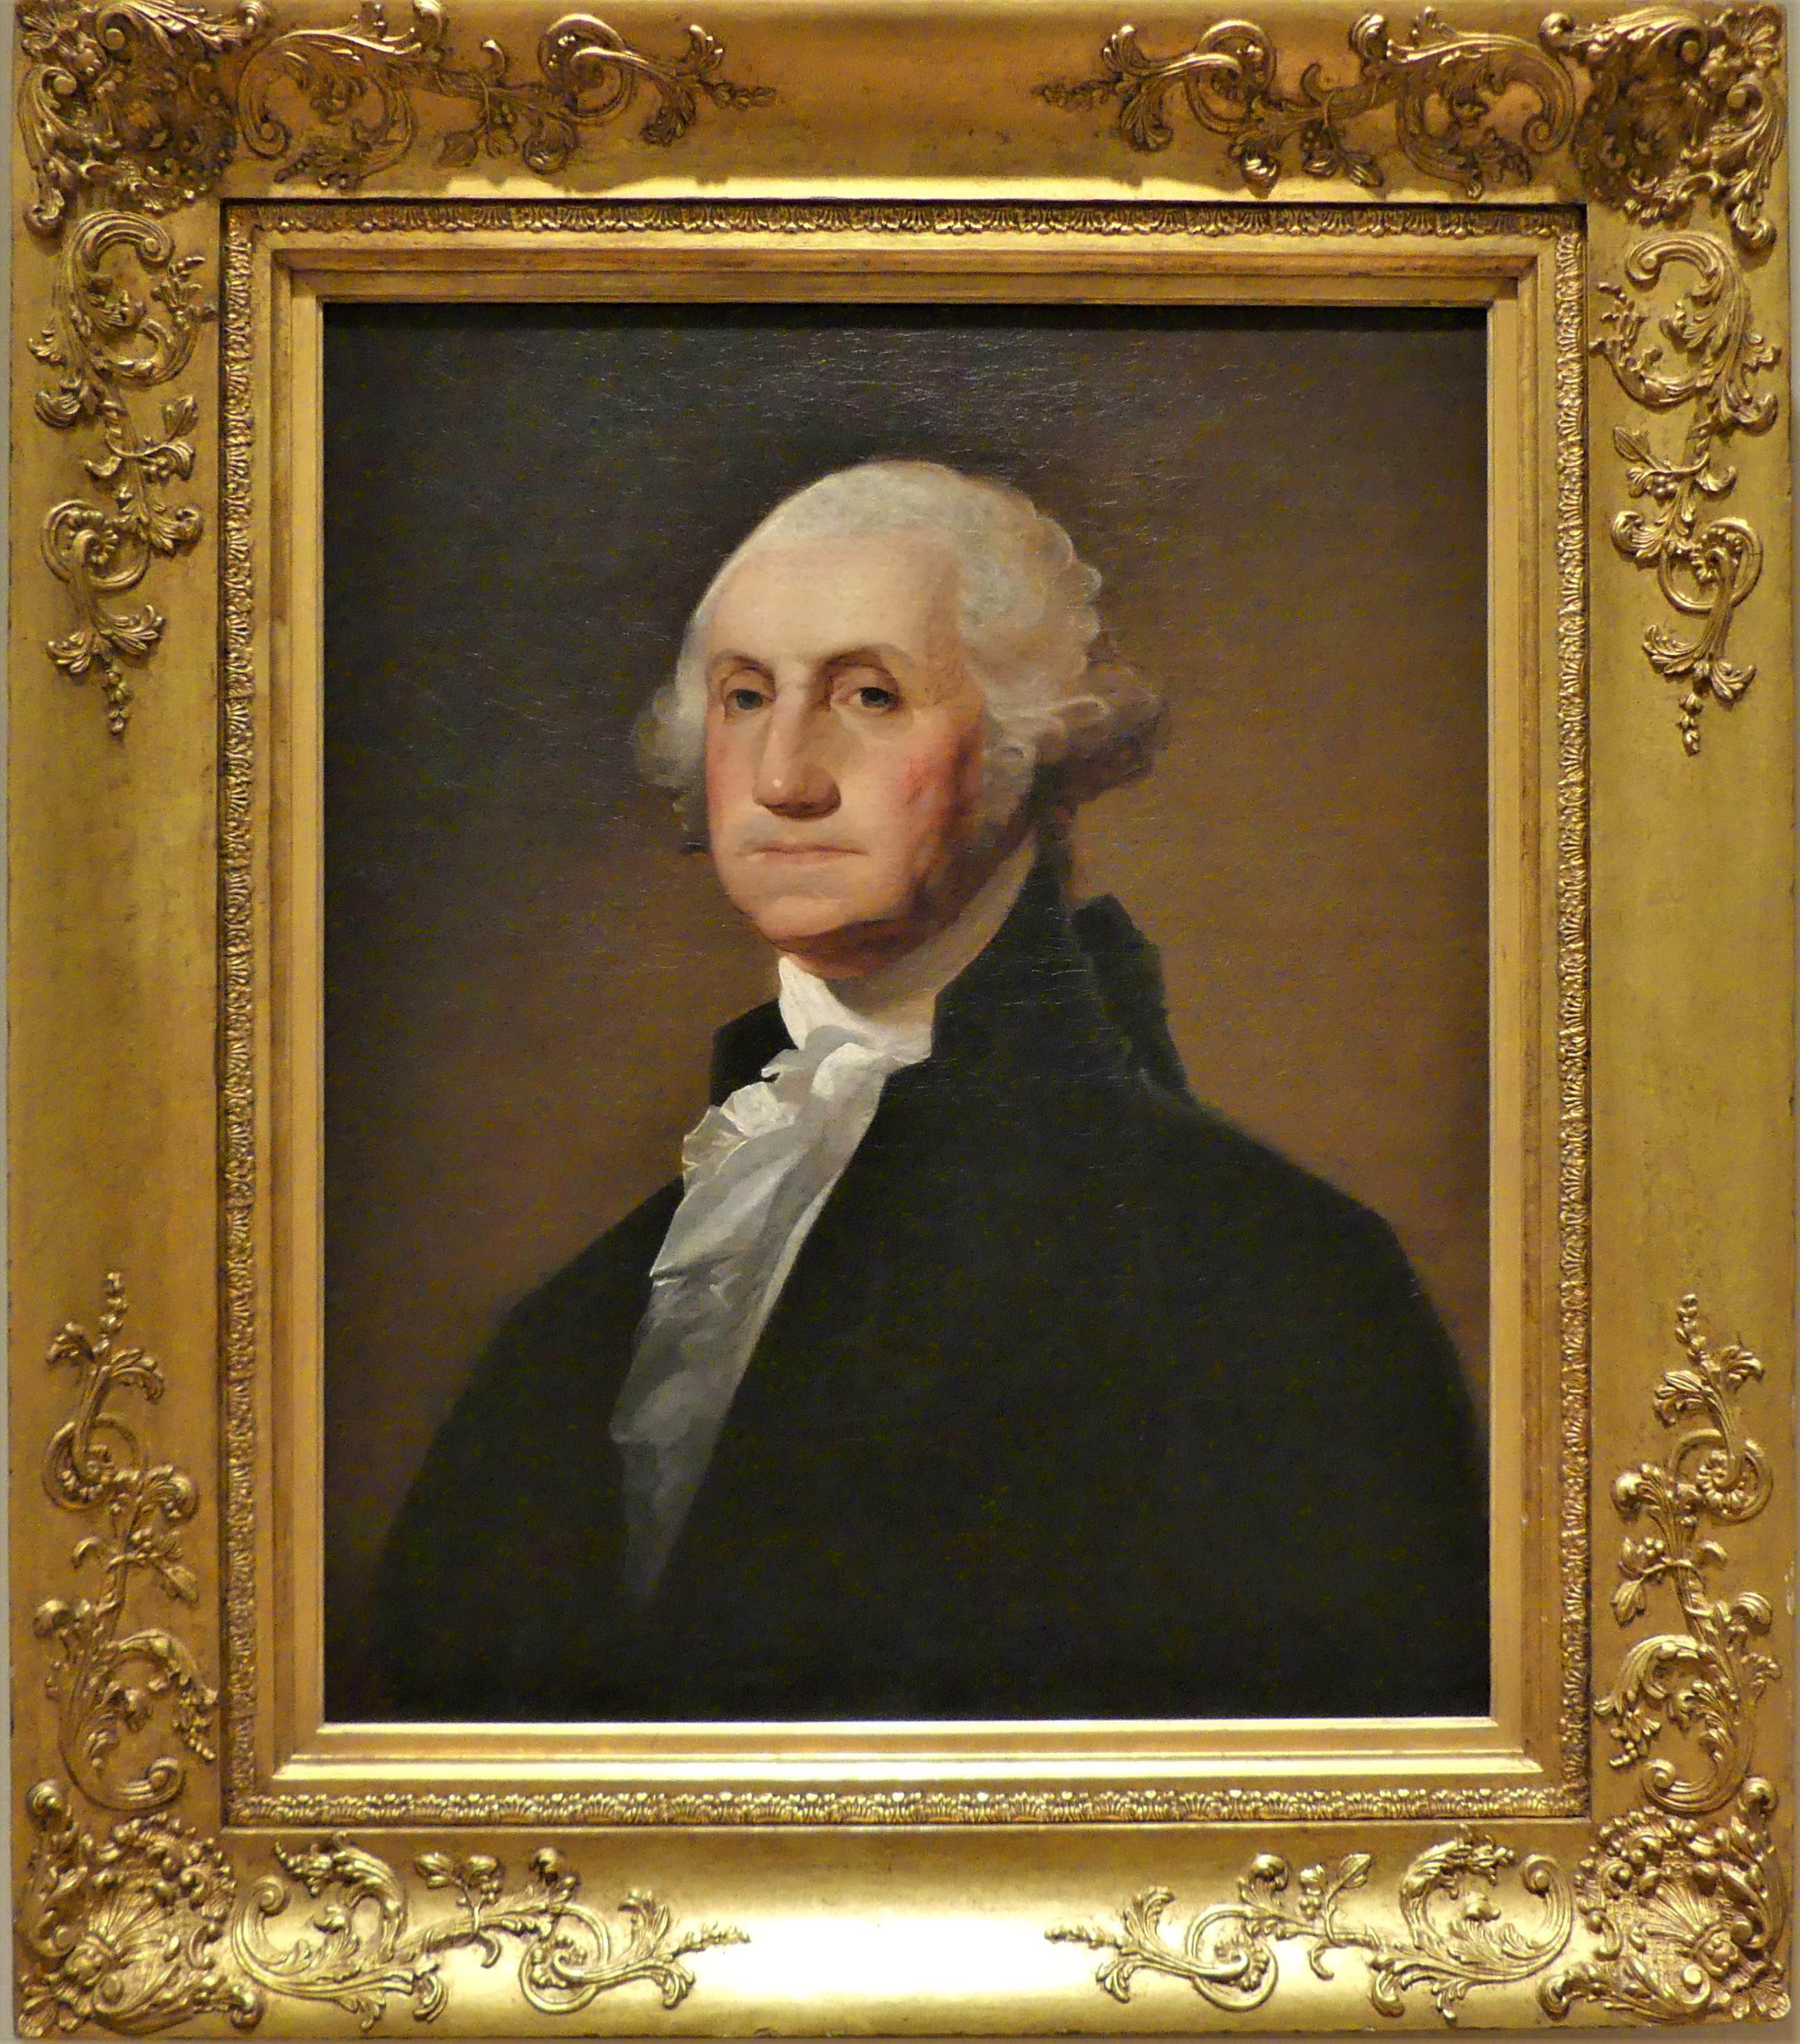 GW Gilbert Stuart